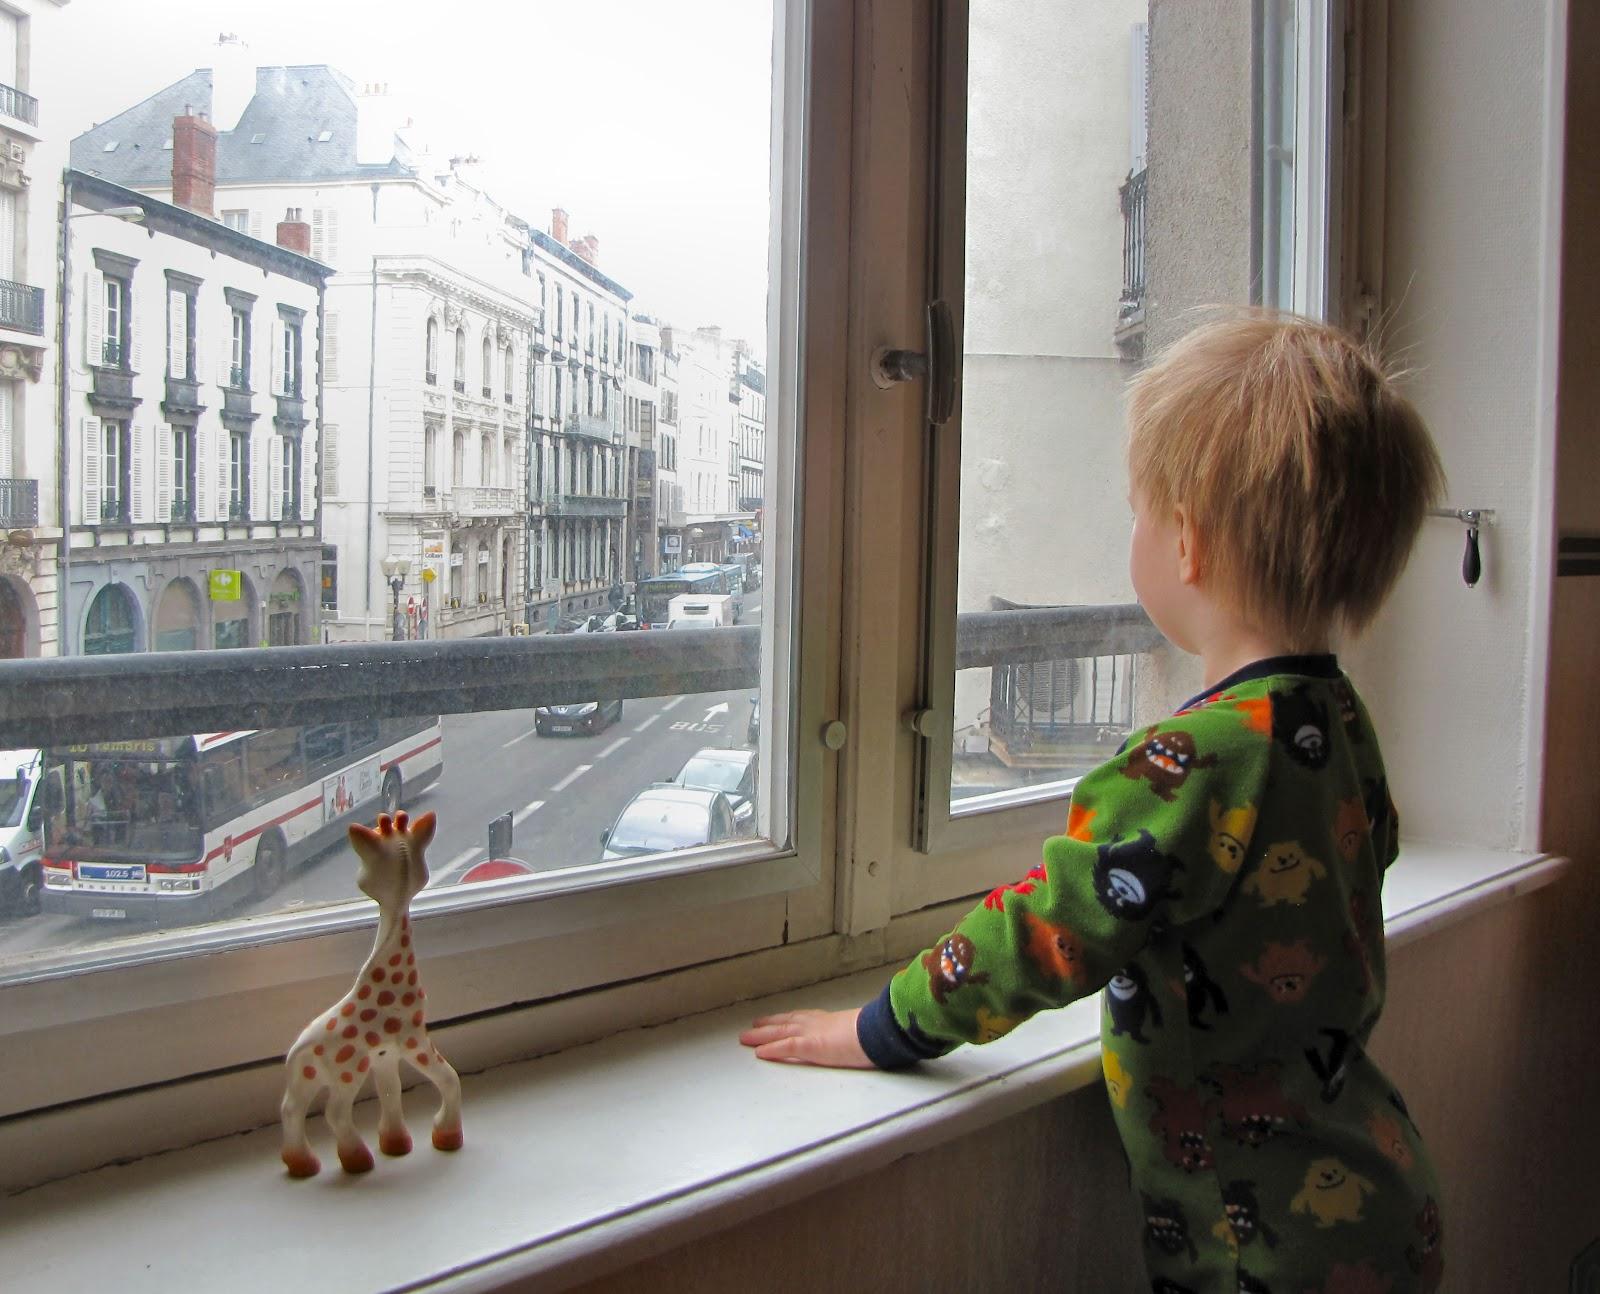 Femme au foyer sophie la girafe for Femme au foyer 1900